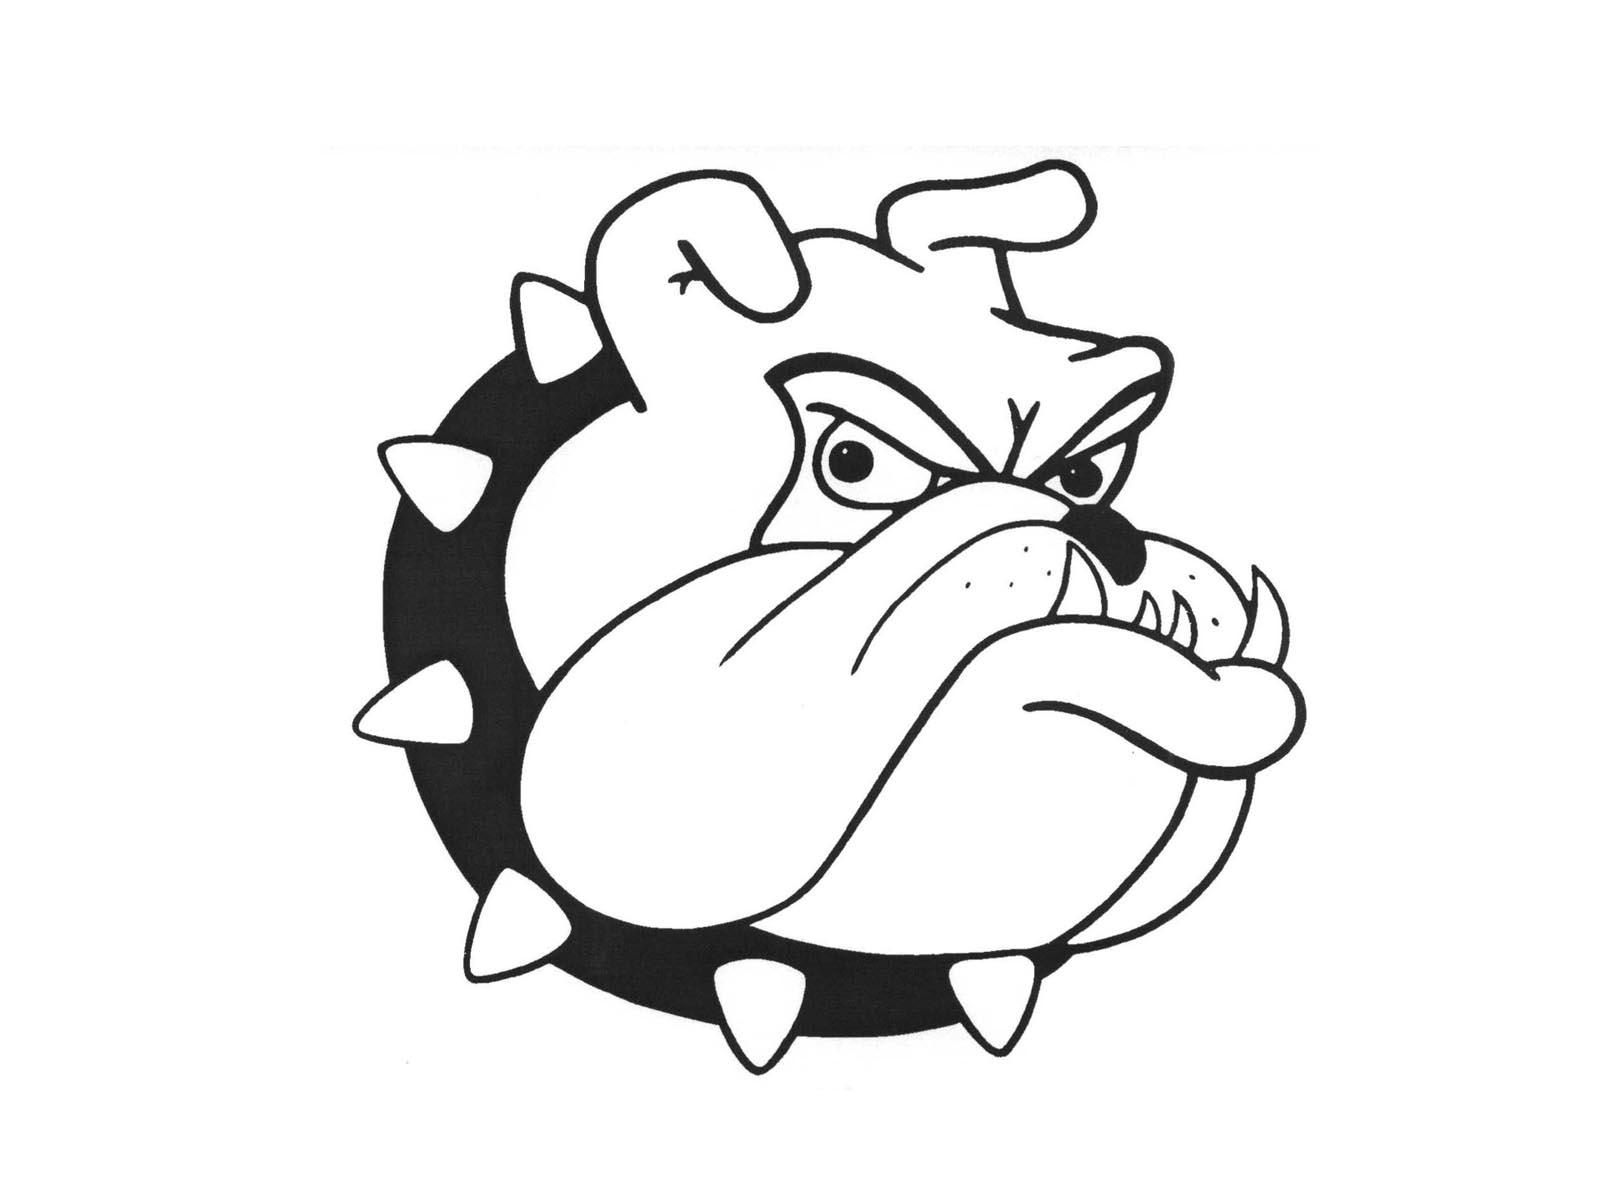 Bulldog clipart baby bulldog. English drawing at getdrawings